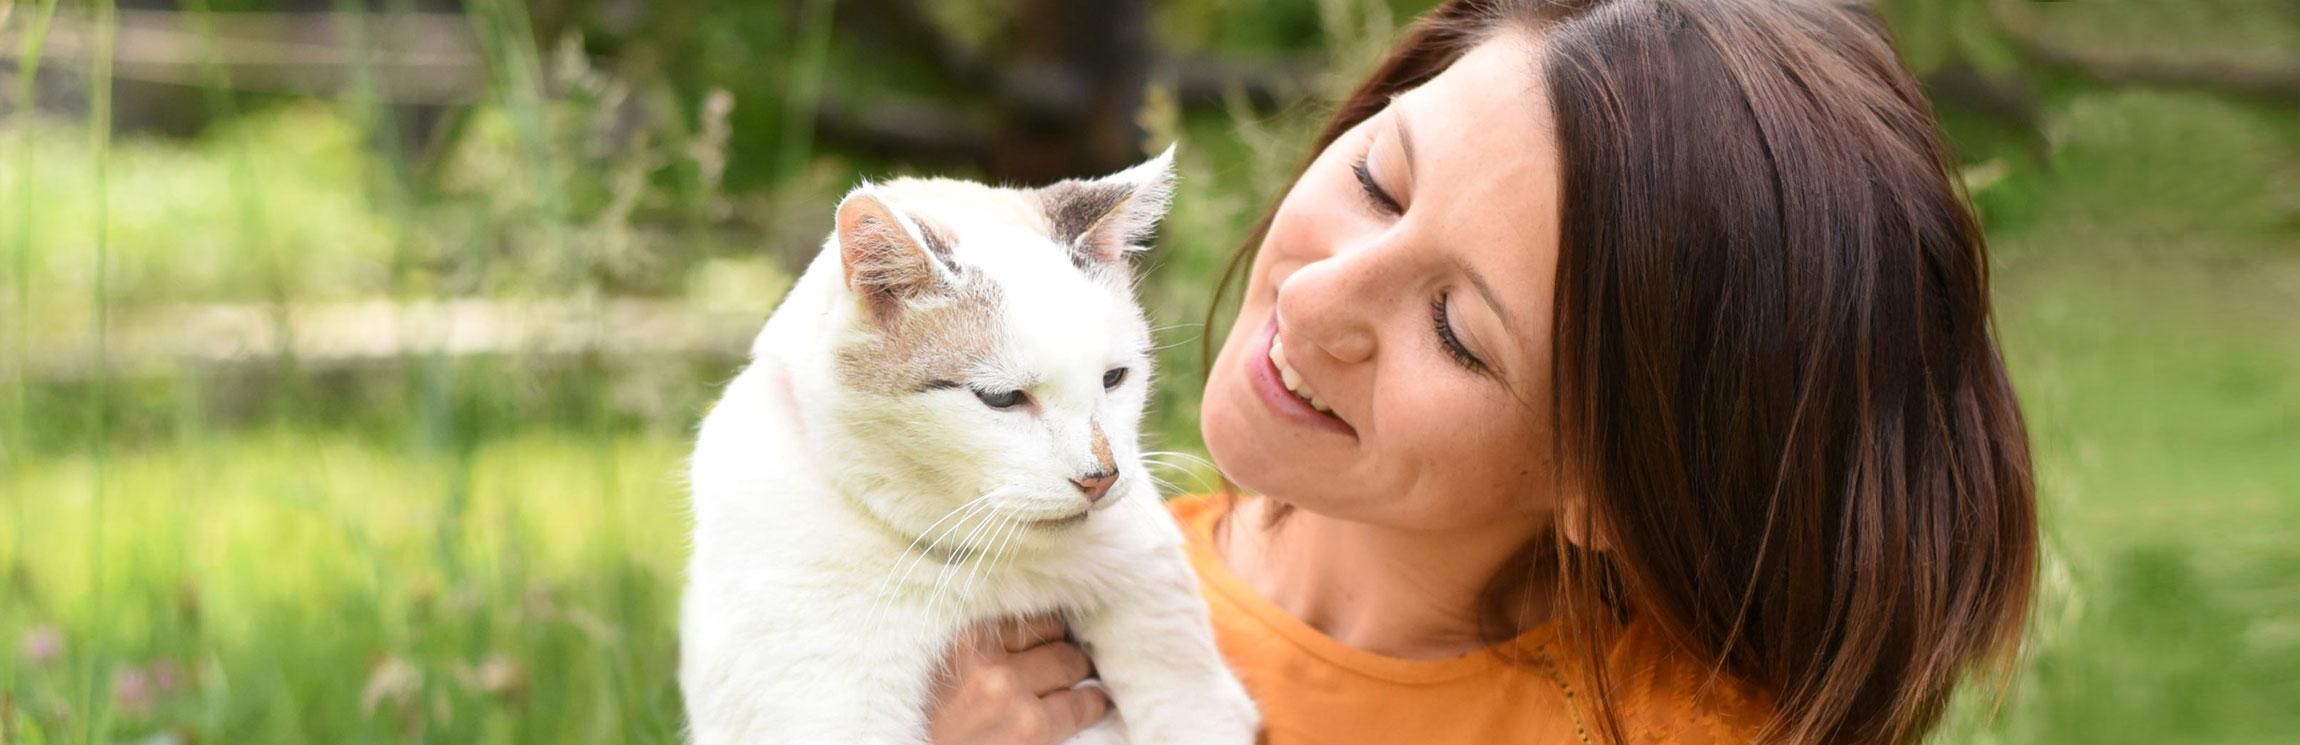 Madame Moustache, spécialiste du comportement du chat, comportementaliste chat, relation humain-chat, formation du Monde du chat, associations de protection des chats, famille d'accueil pour chats, Lausanne, Canton de Vaud, Suisse